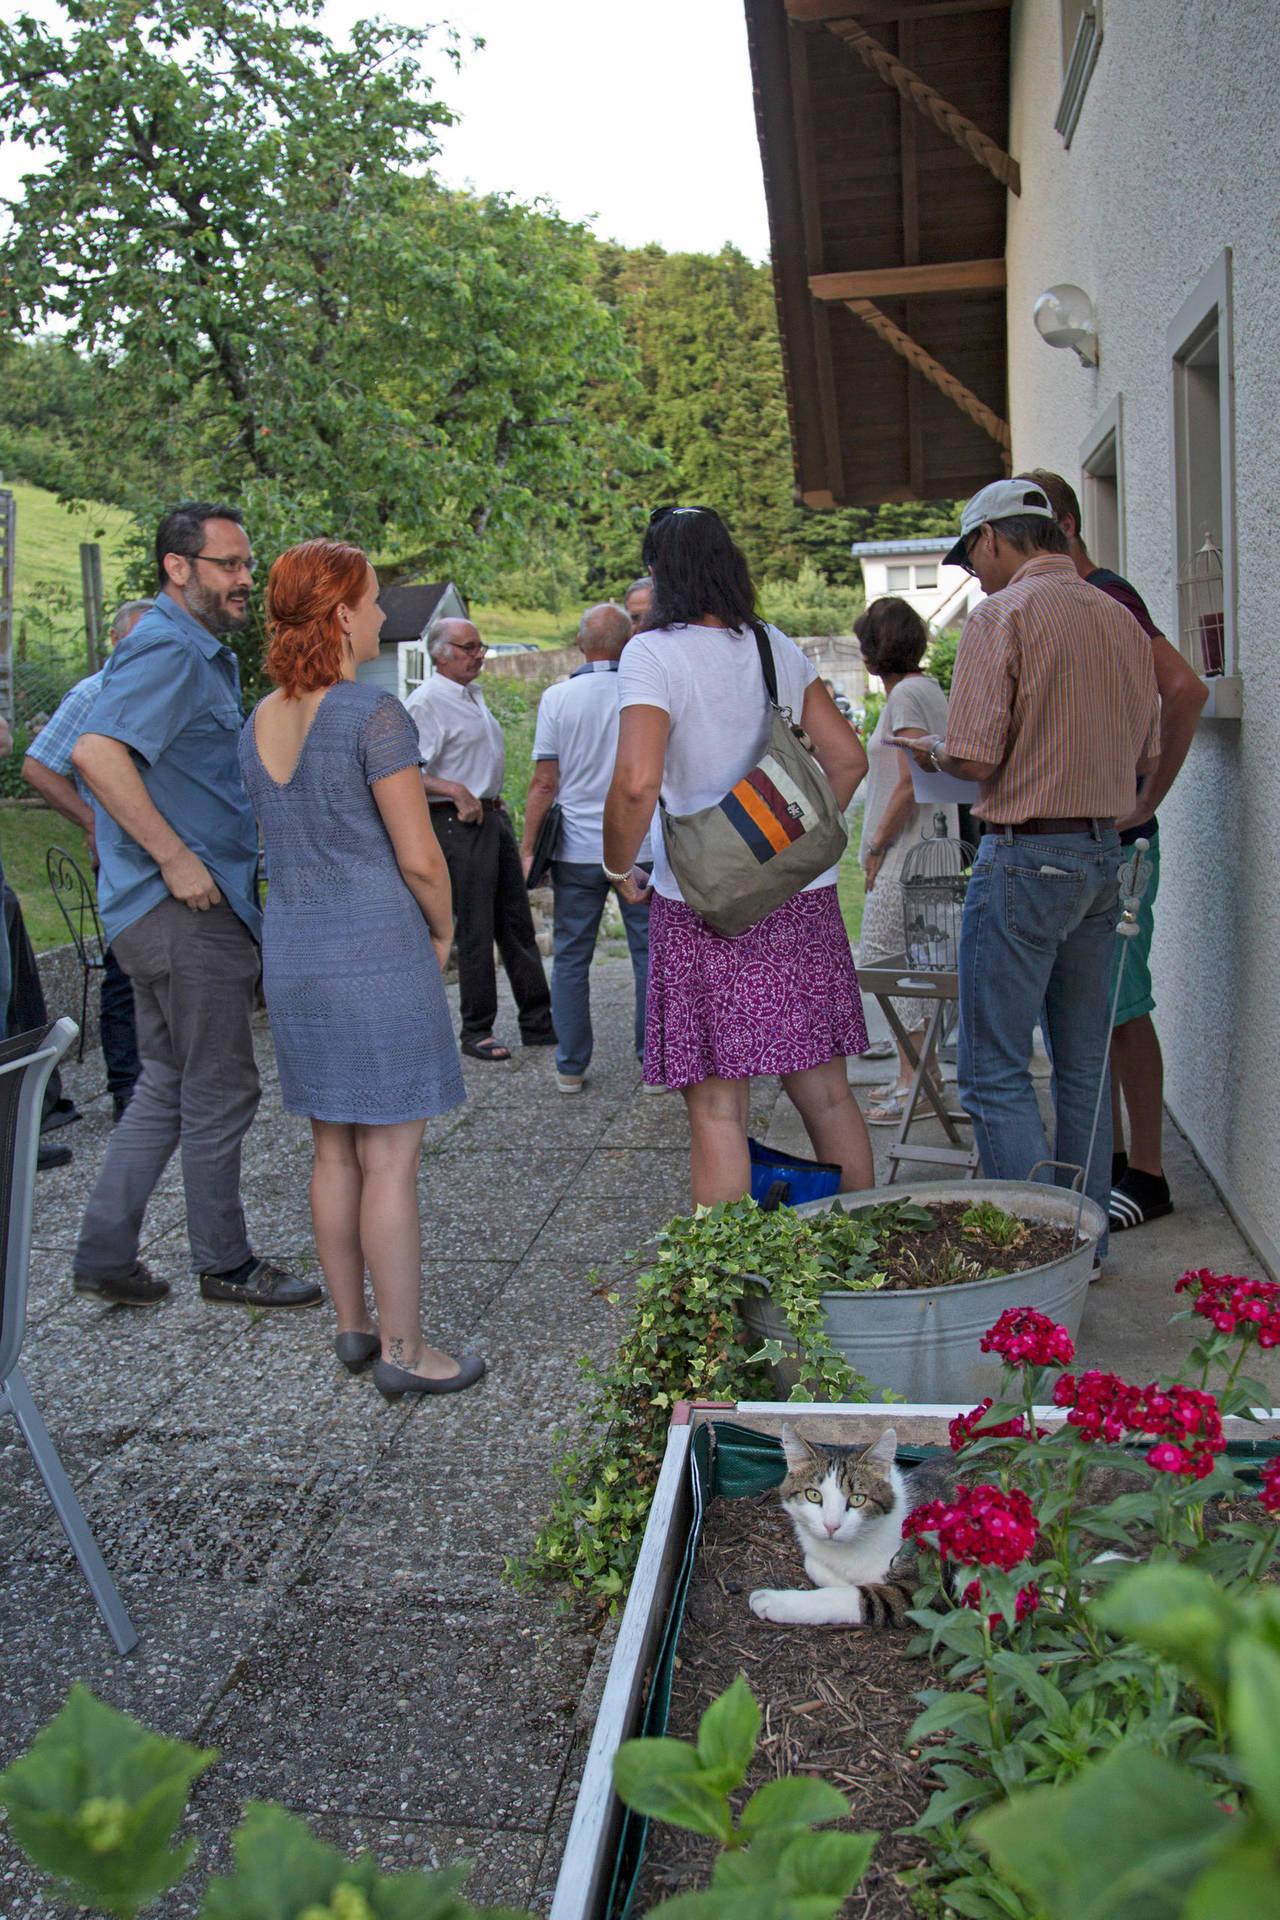 I cittadini fanno due chiacchiere prima dell'inizio dell'assemblea comunale. La padrona di casa la prende con filosofia.